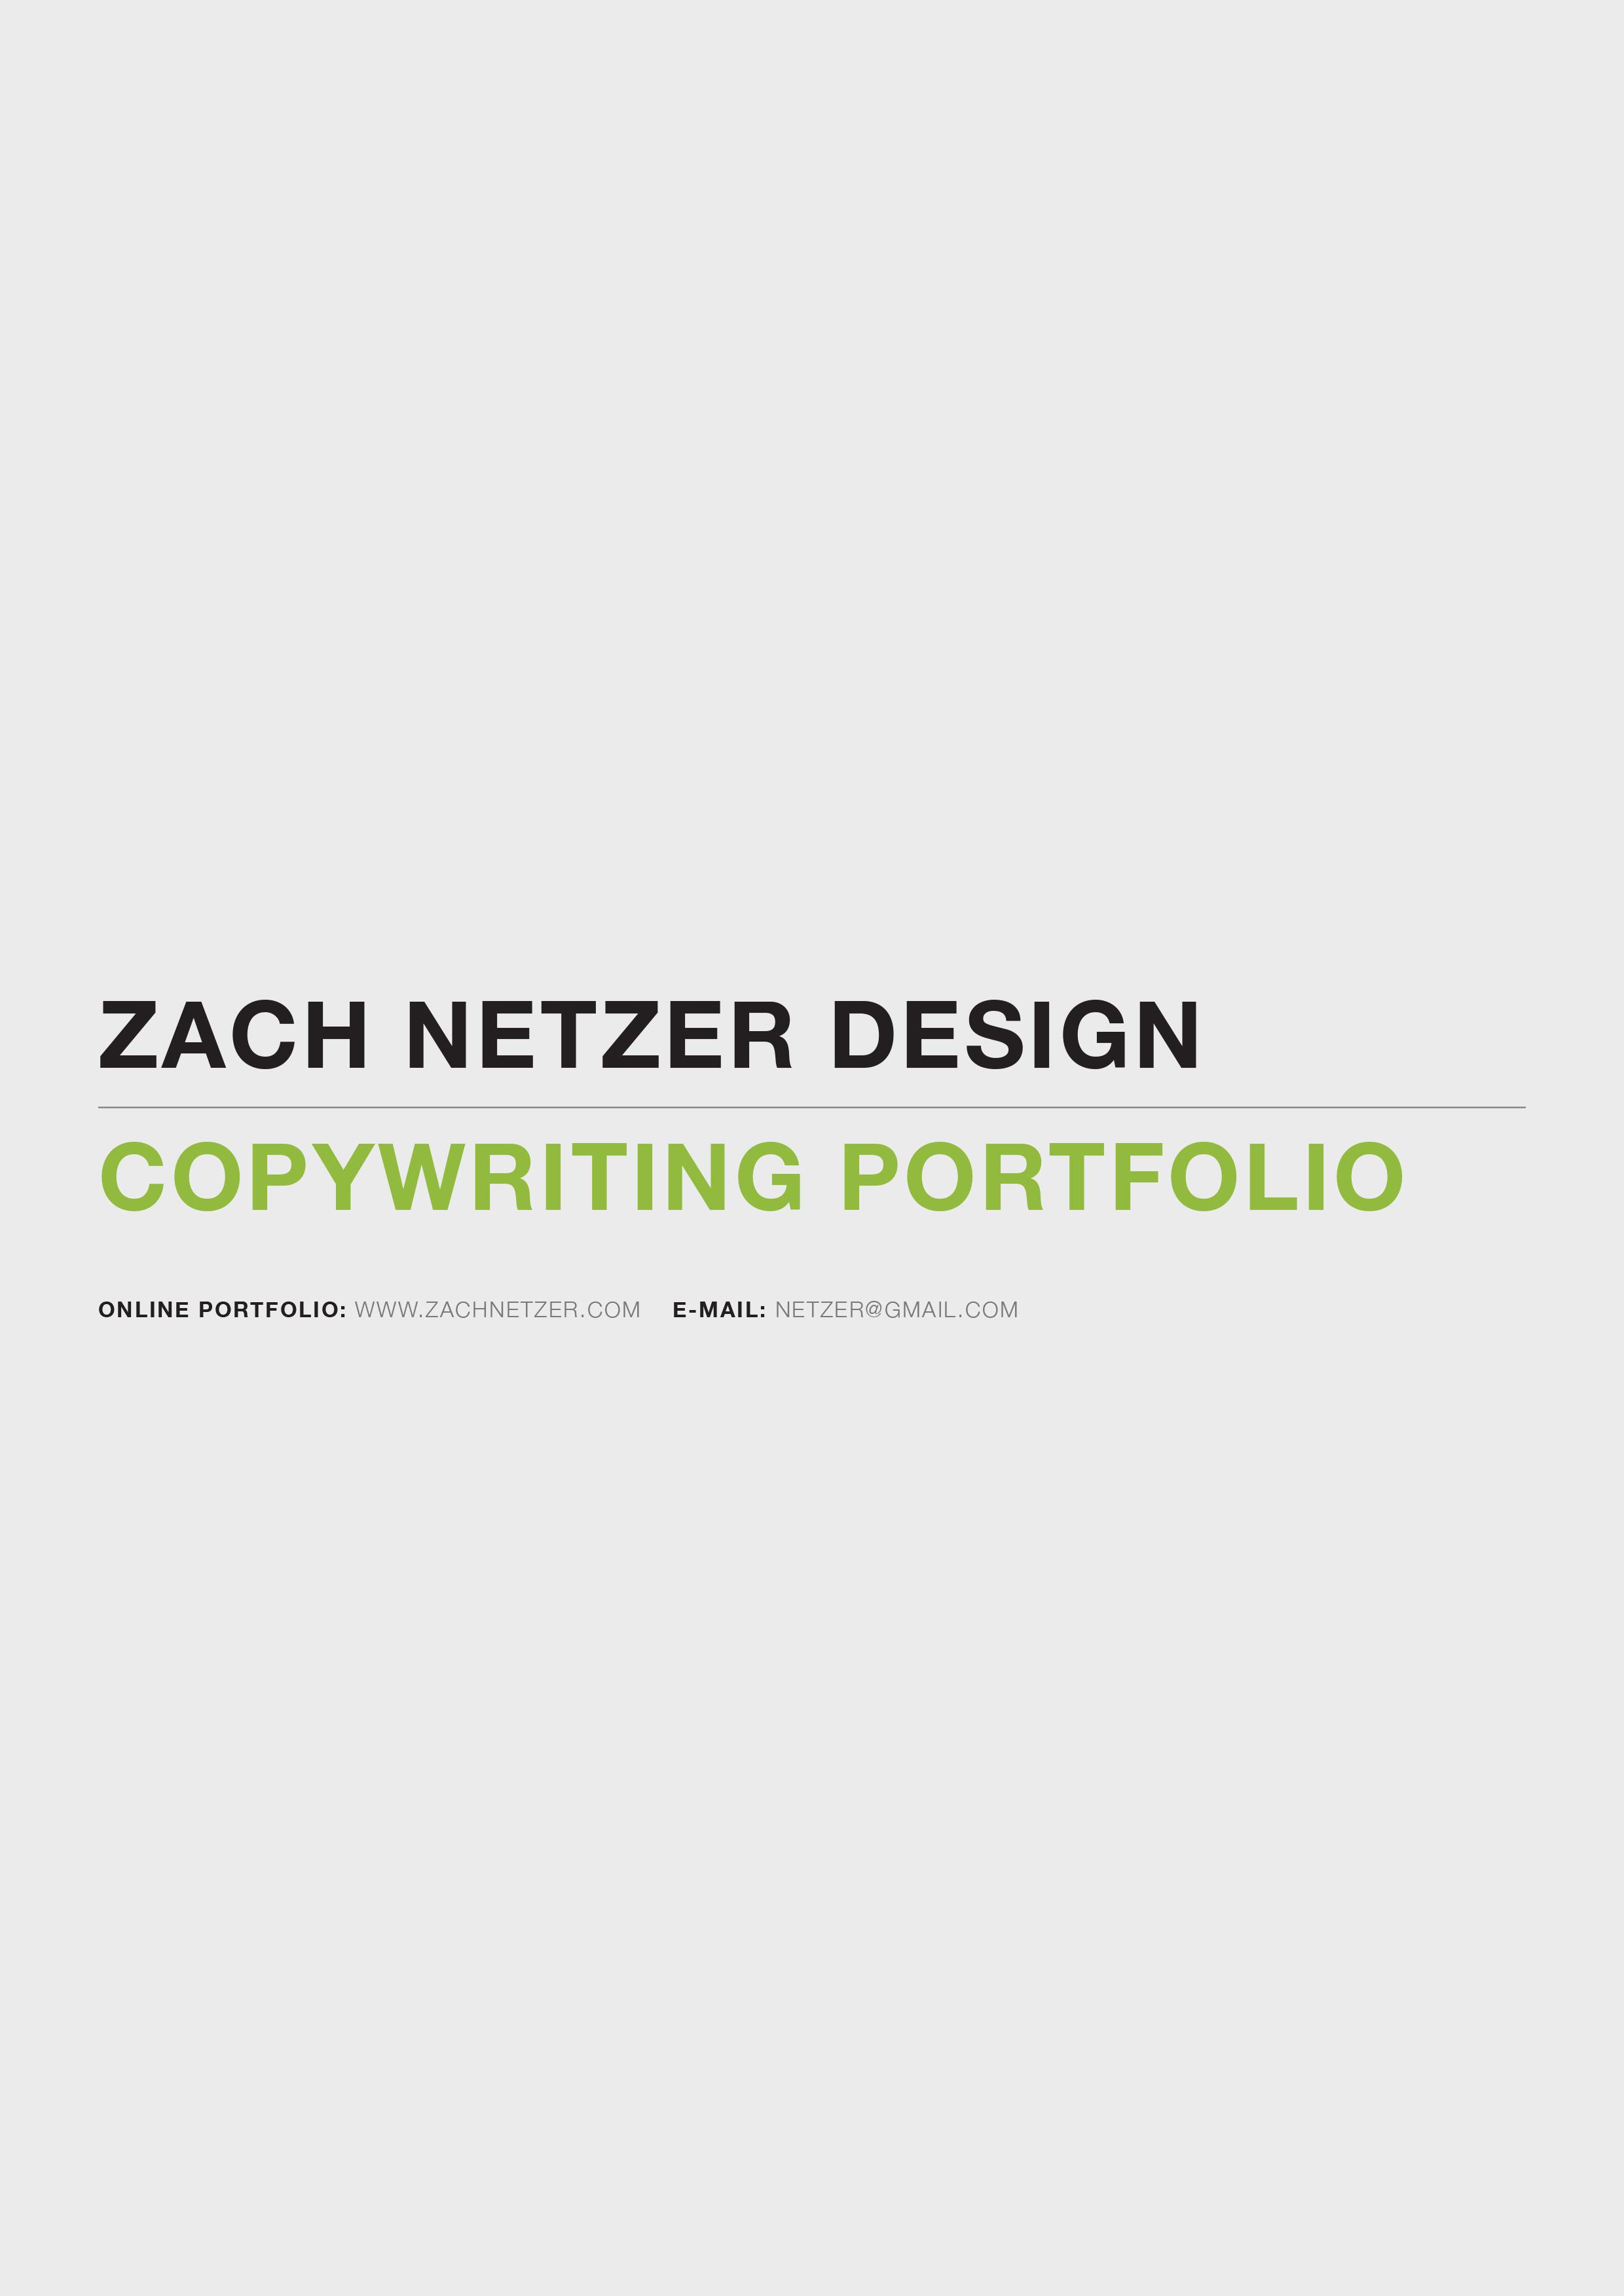 Zach-Netzer-Design---Copywriting-Portfolio-1.jpg